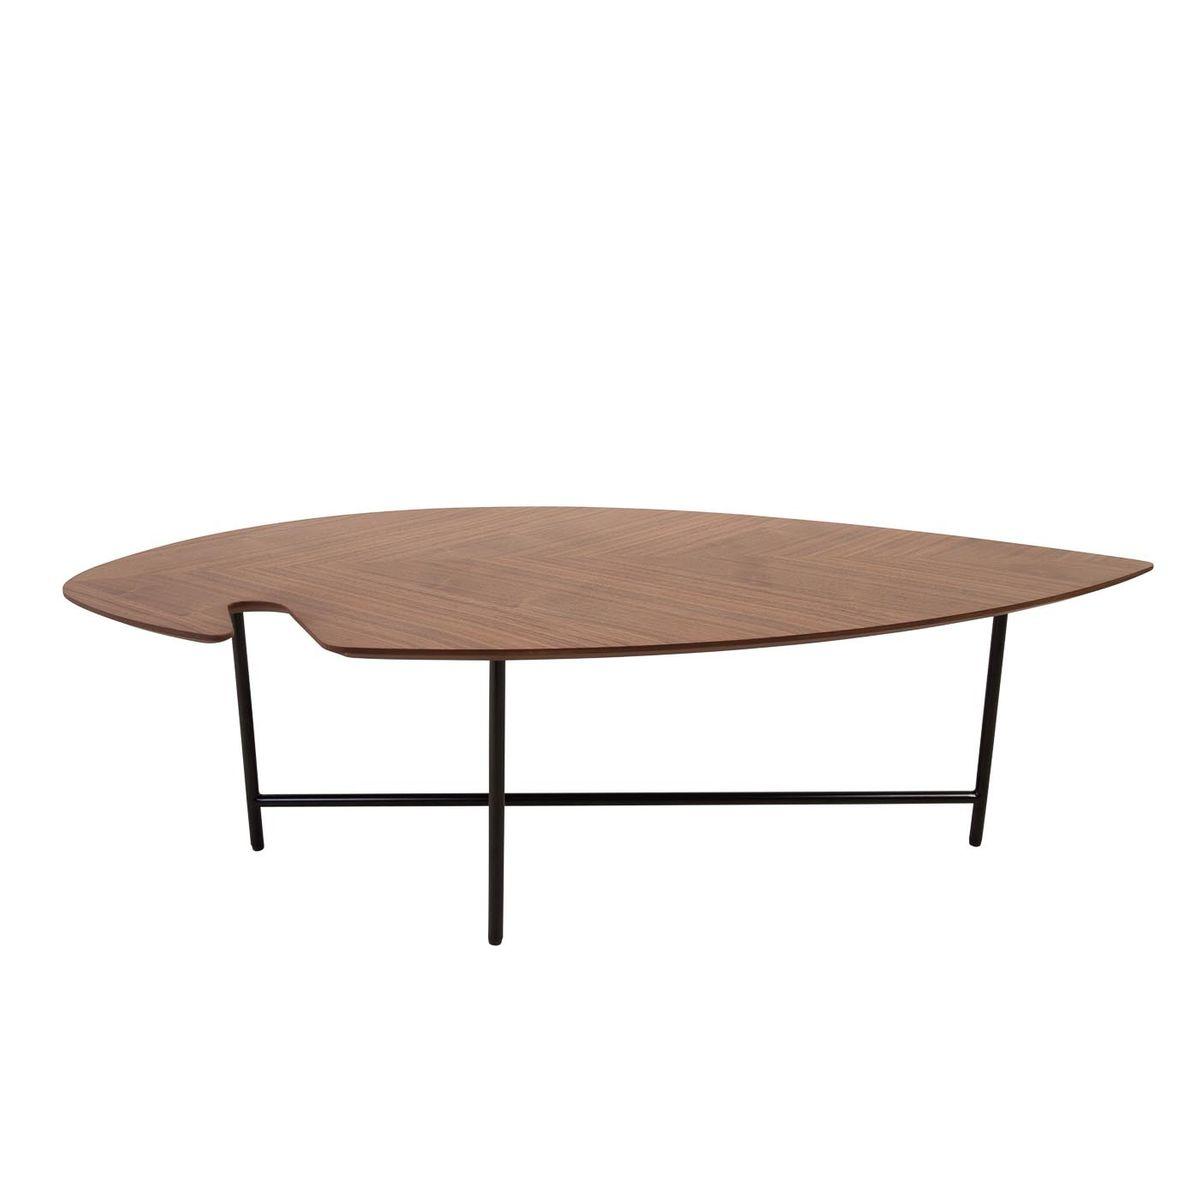 Table basse 120 cm plaqué noyer